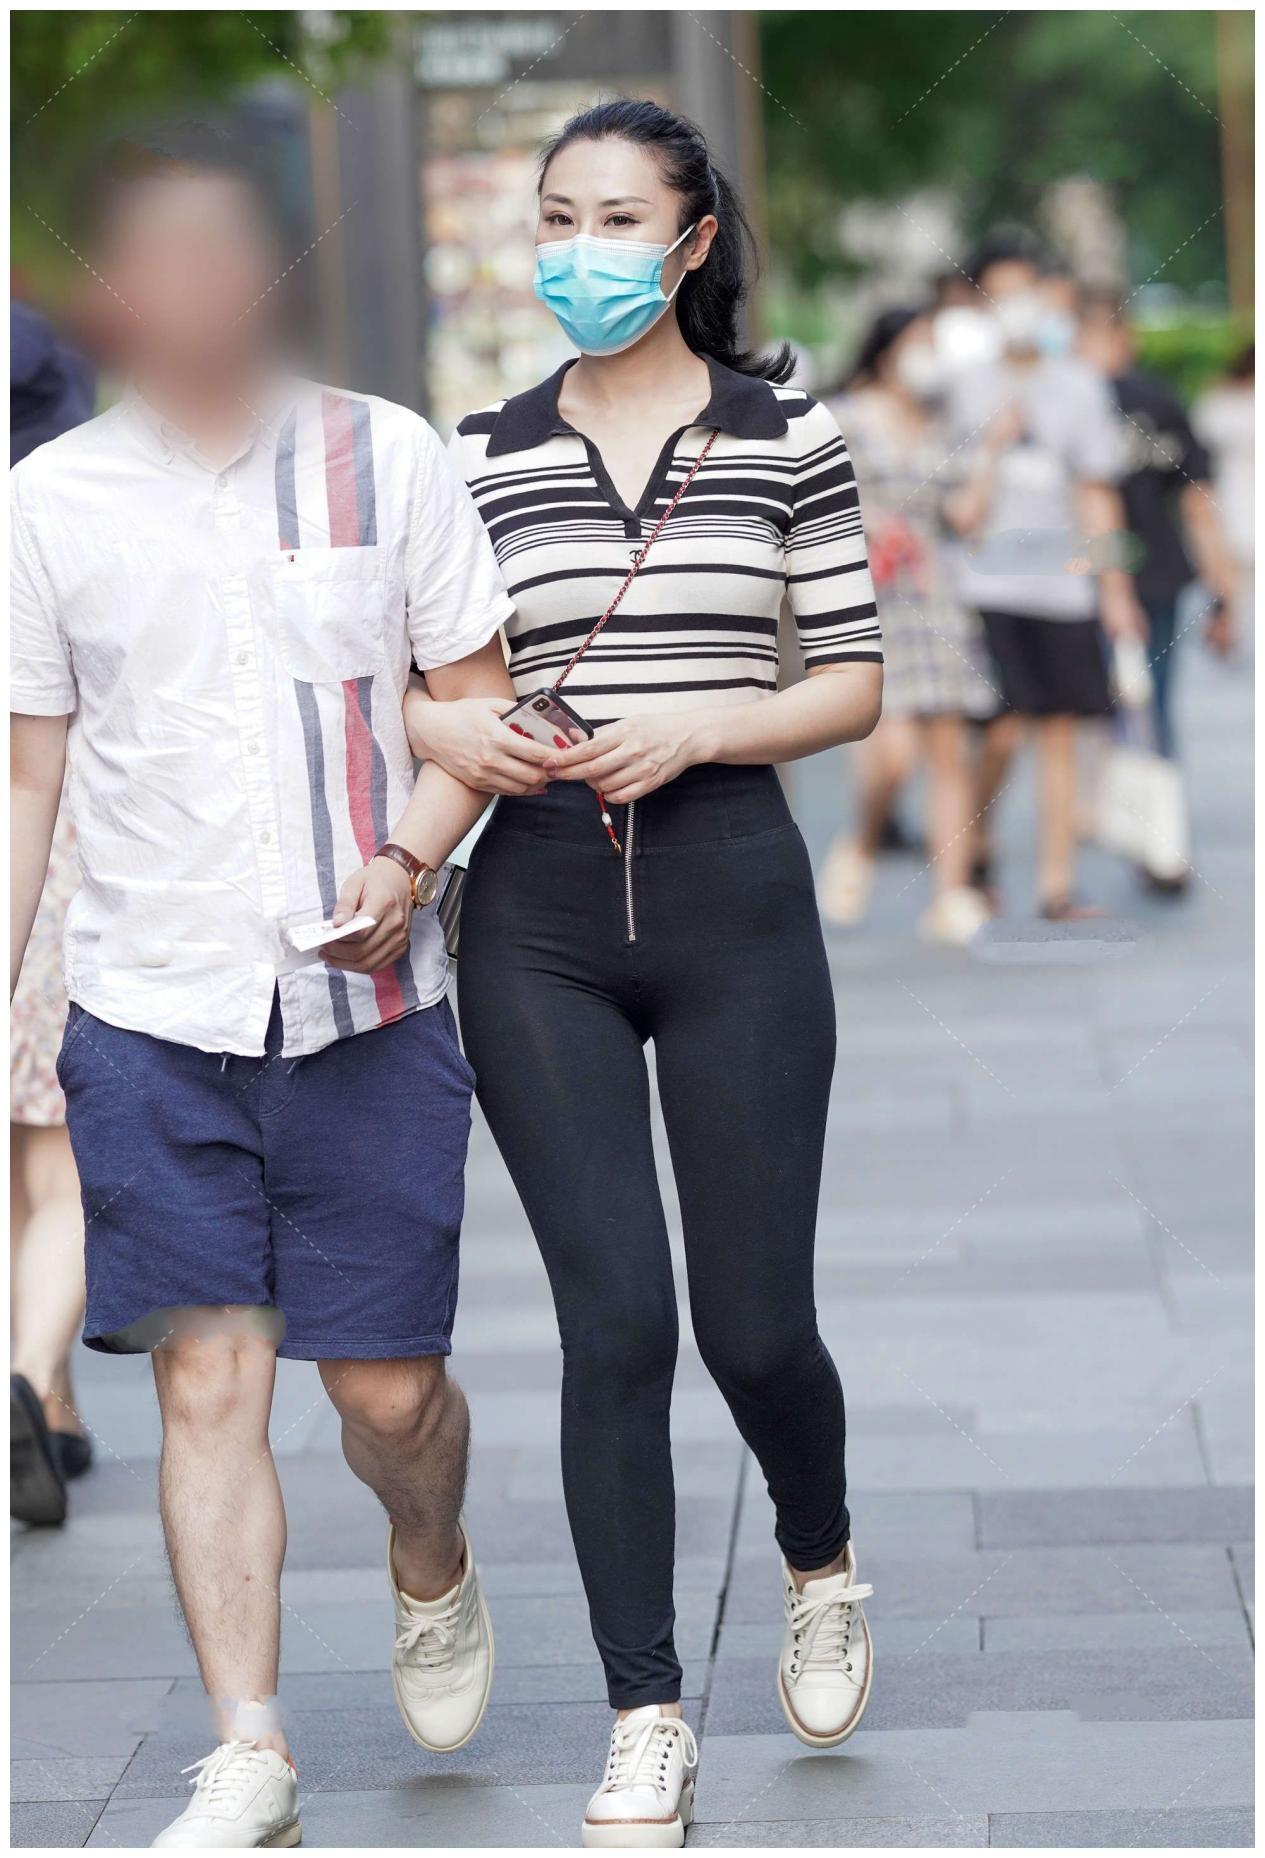 条纹元素上衣搭配高腰打底裤,风格简约时尚,白色帆布鞋百搭